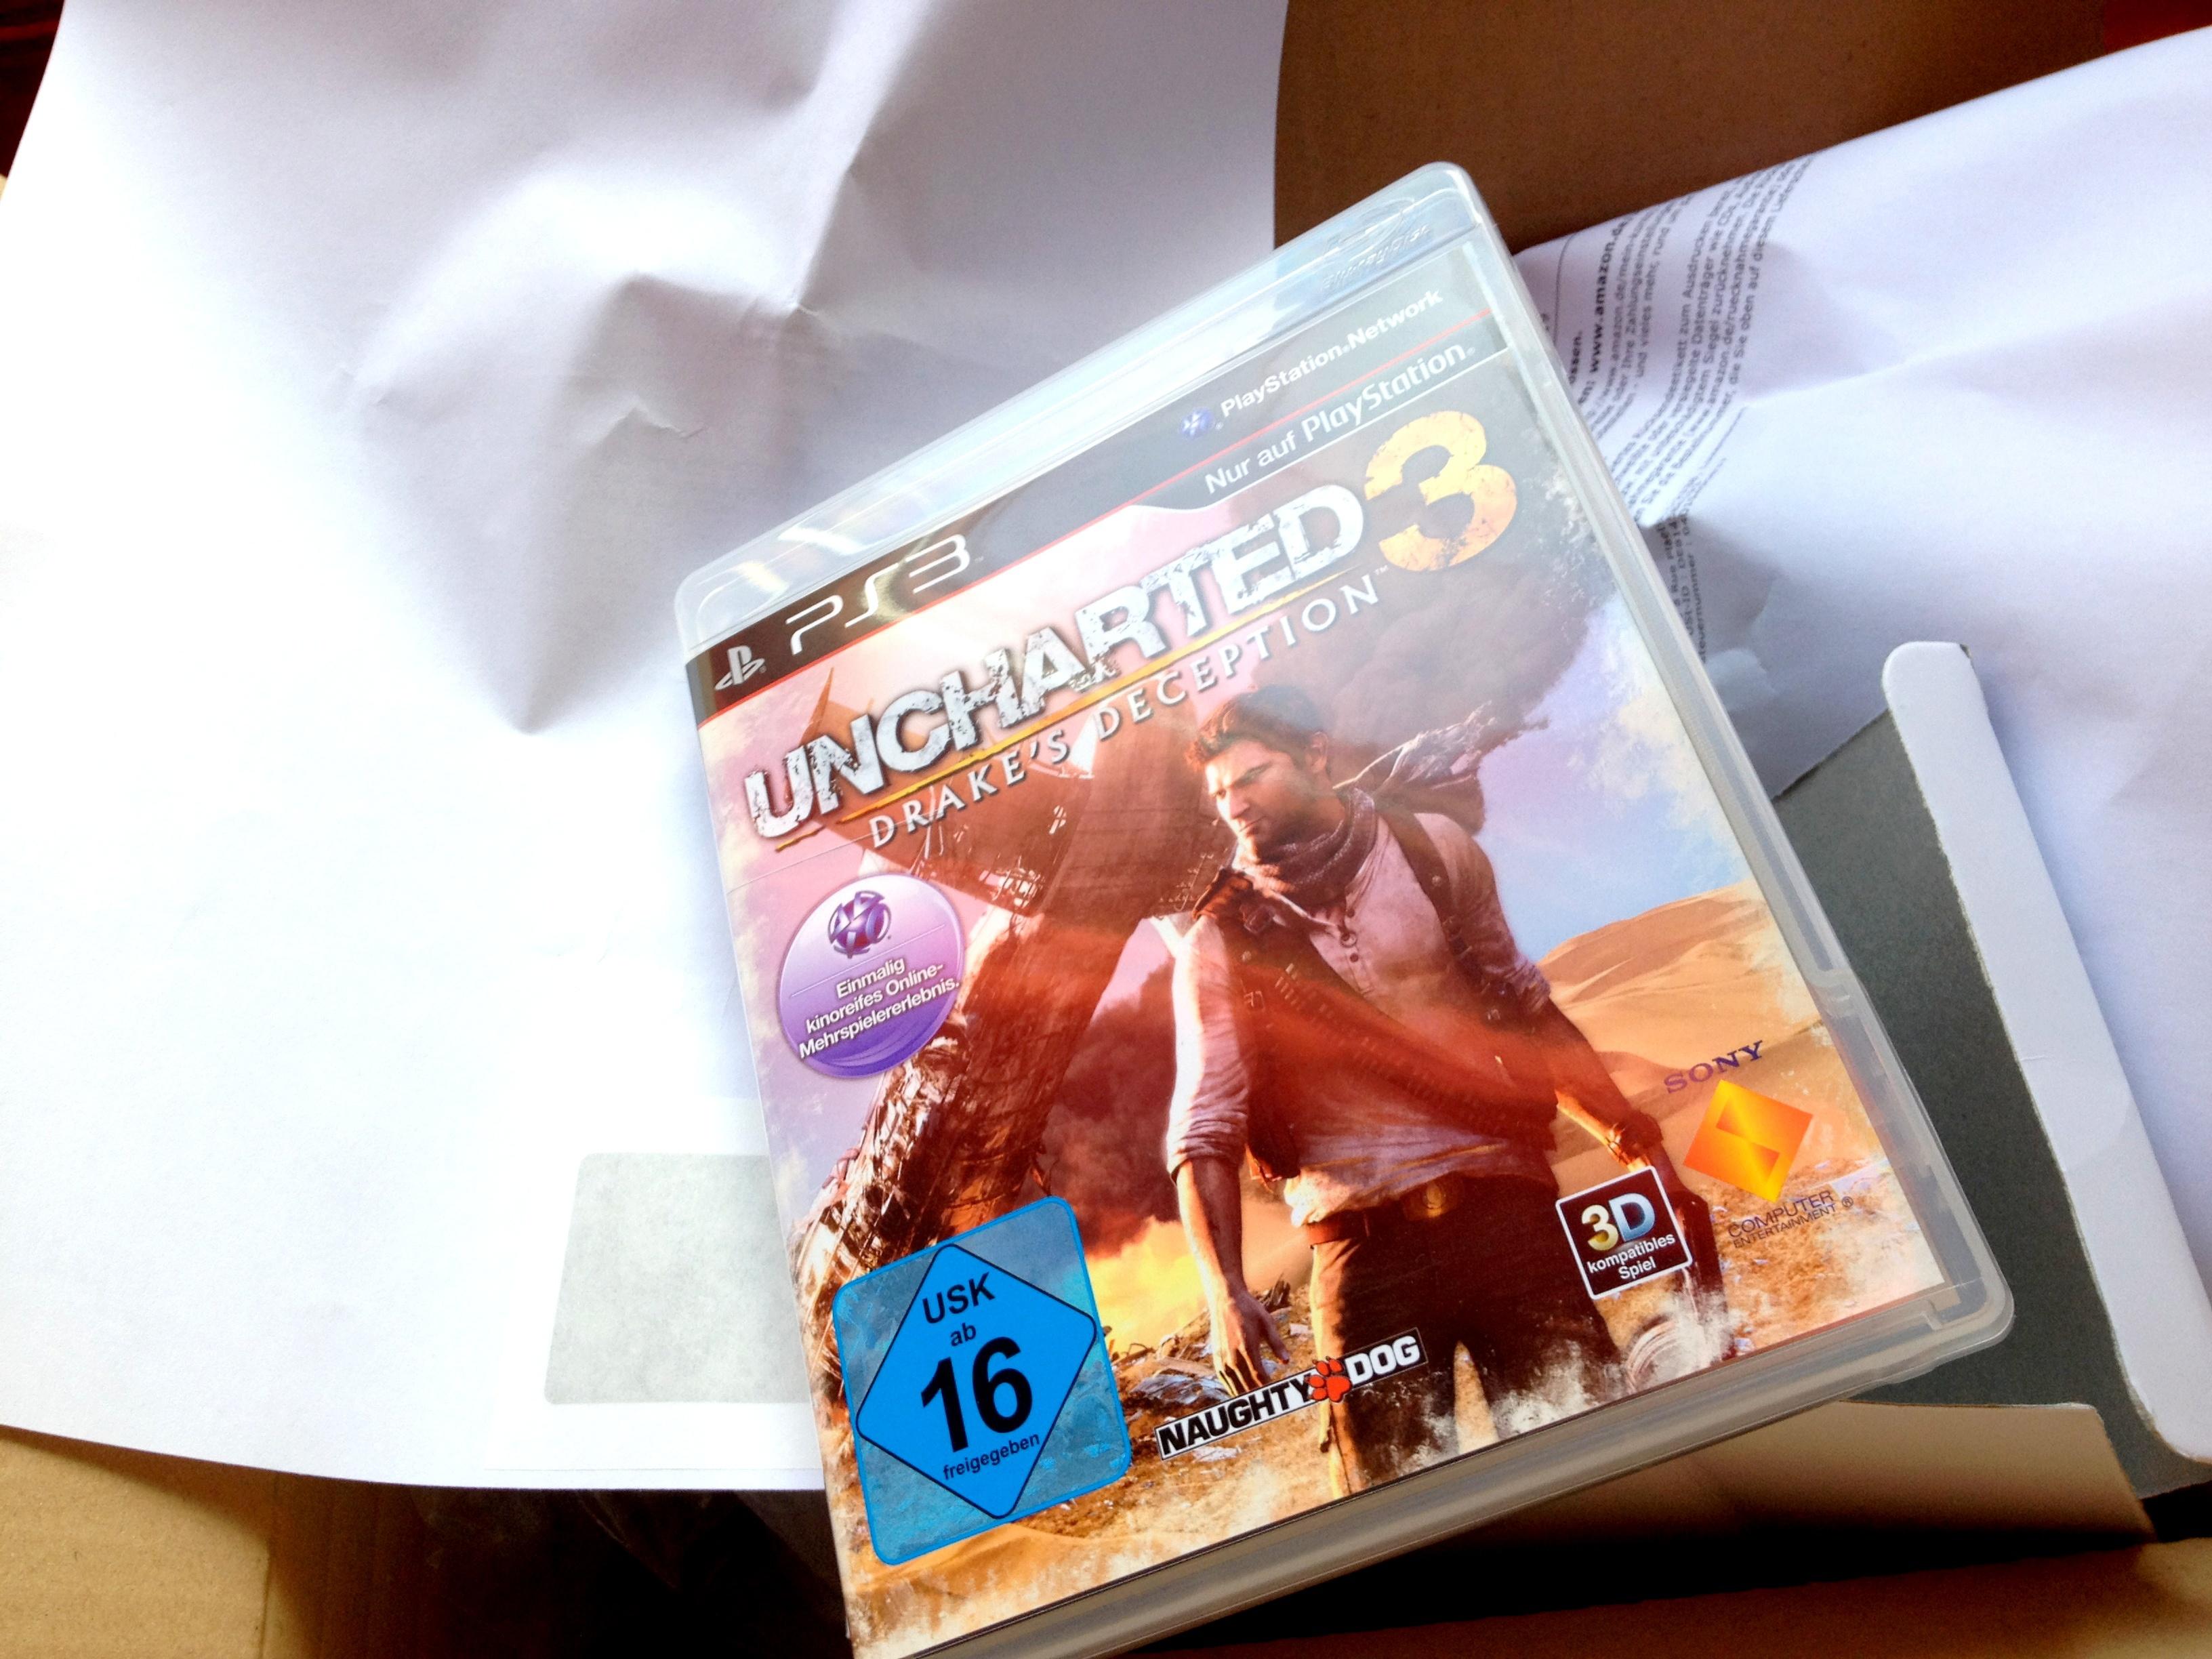 uncharted-3-amazon